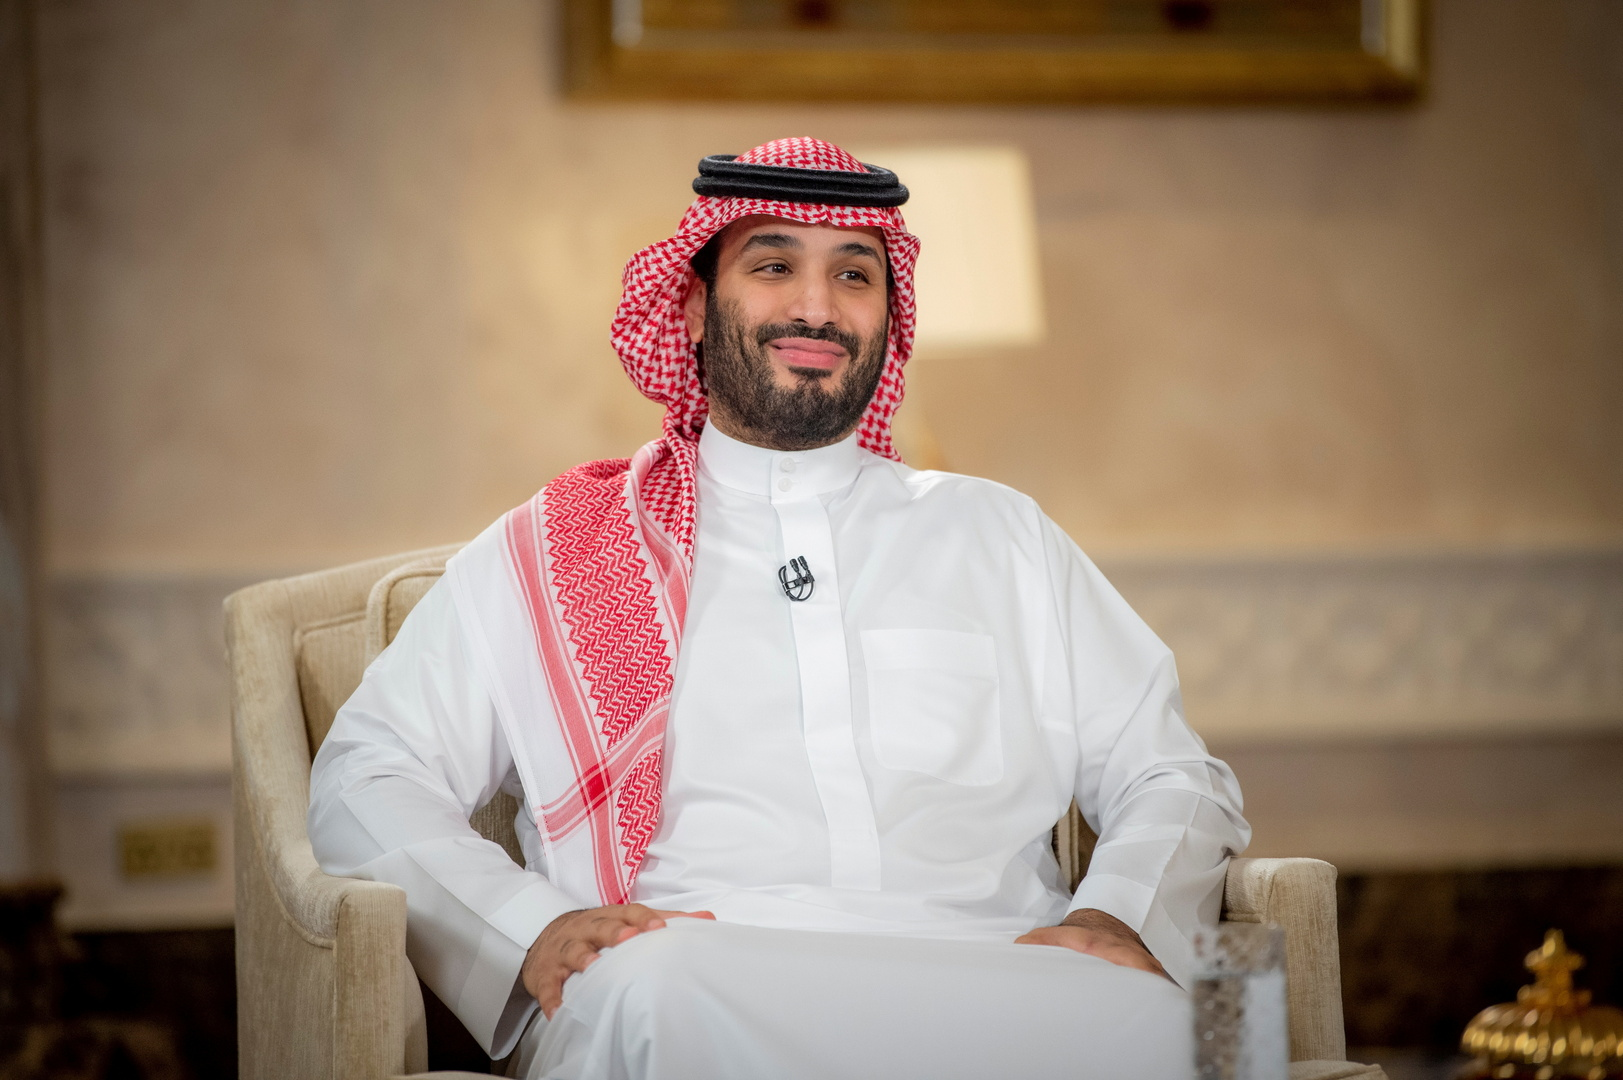 ولي العهد السعودي يوجه بصرف 100 مليون ريال لجمعيات خيرية وسداد ديون سجناء